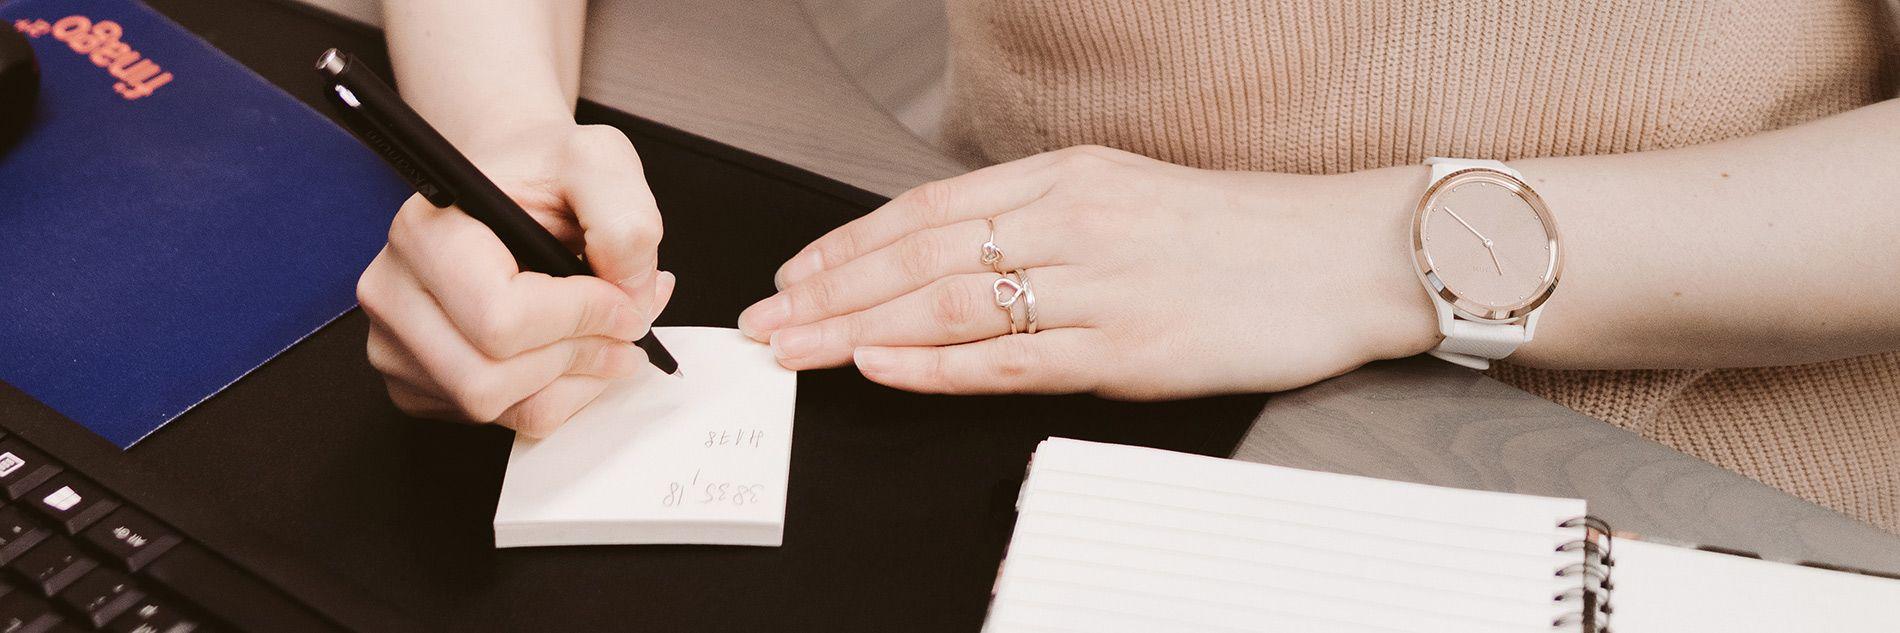 Kuvassa on kädet, joista oikea käsi kirjoittaa muistiinpanoja paperille.